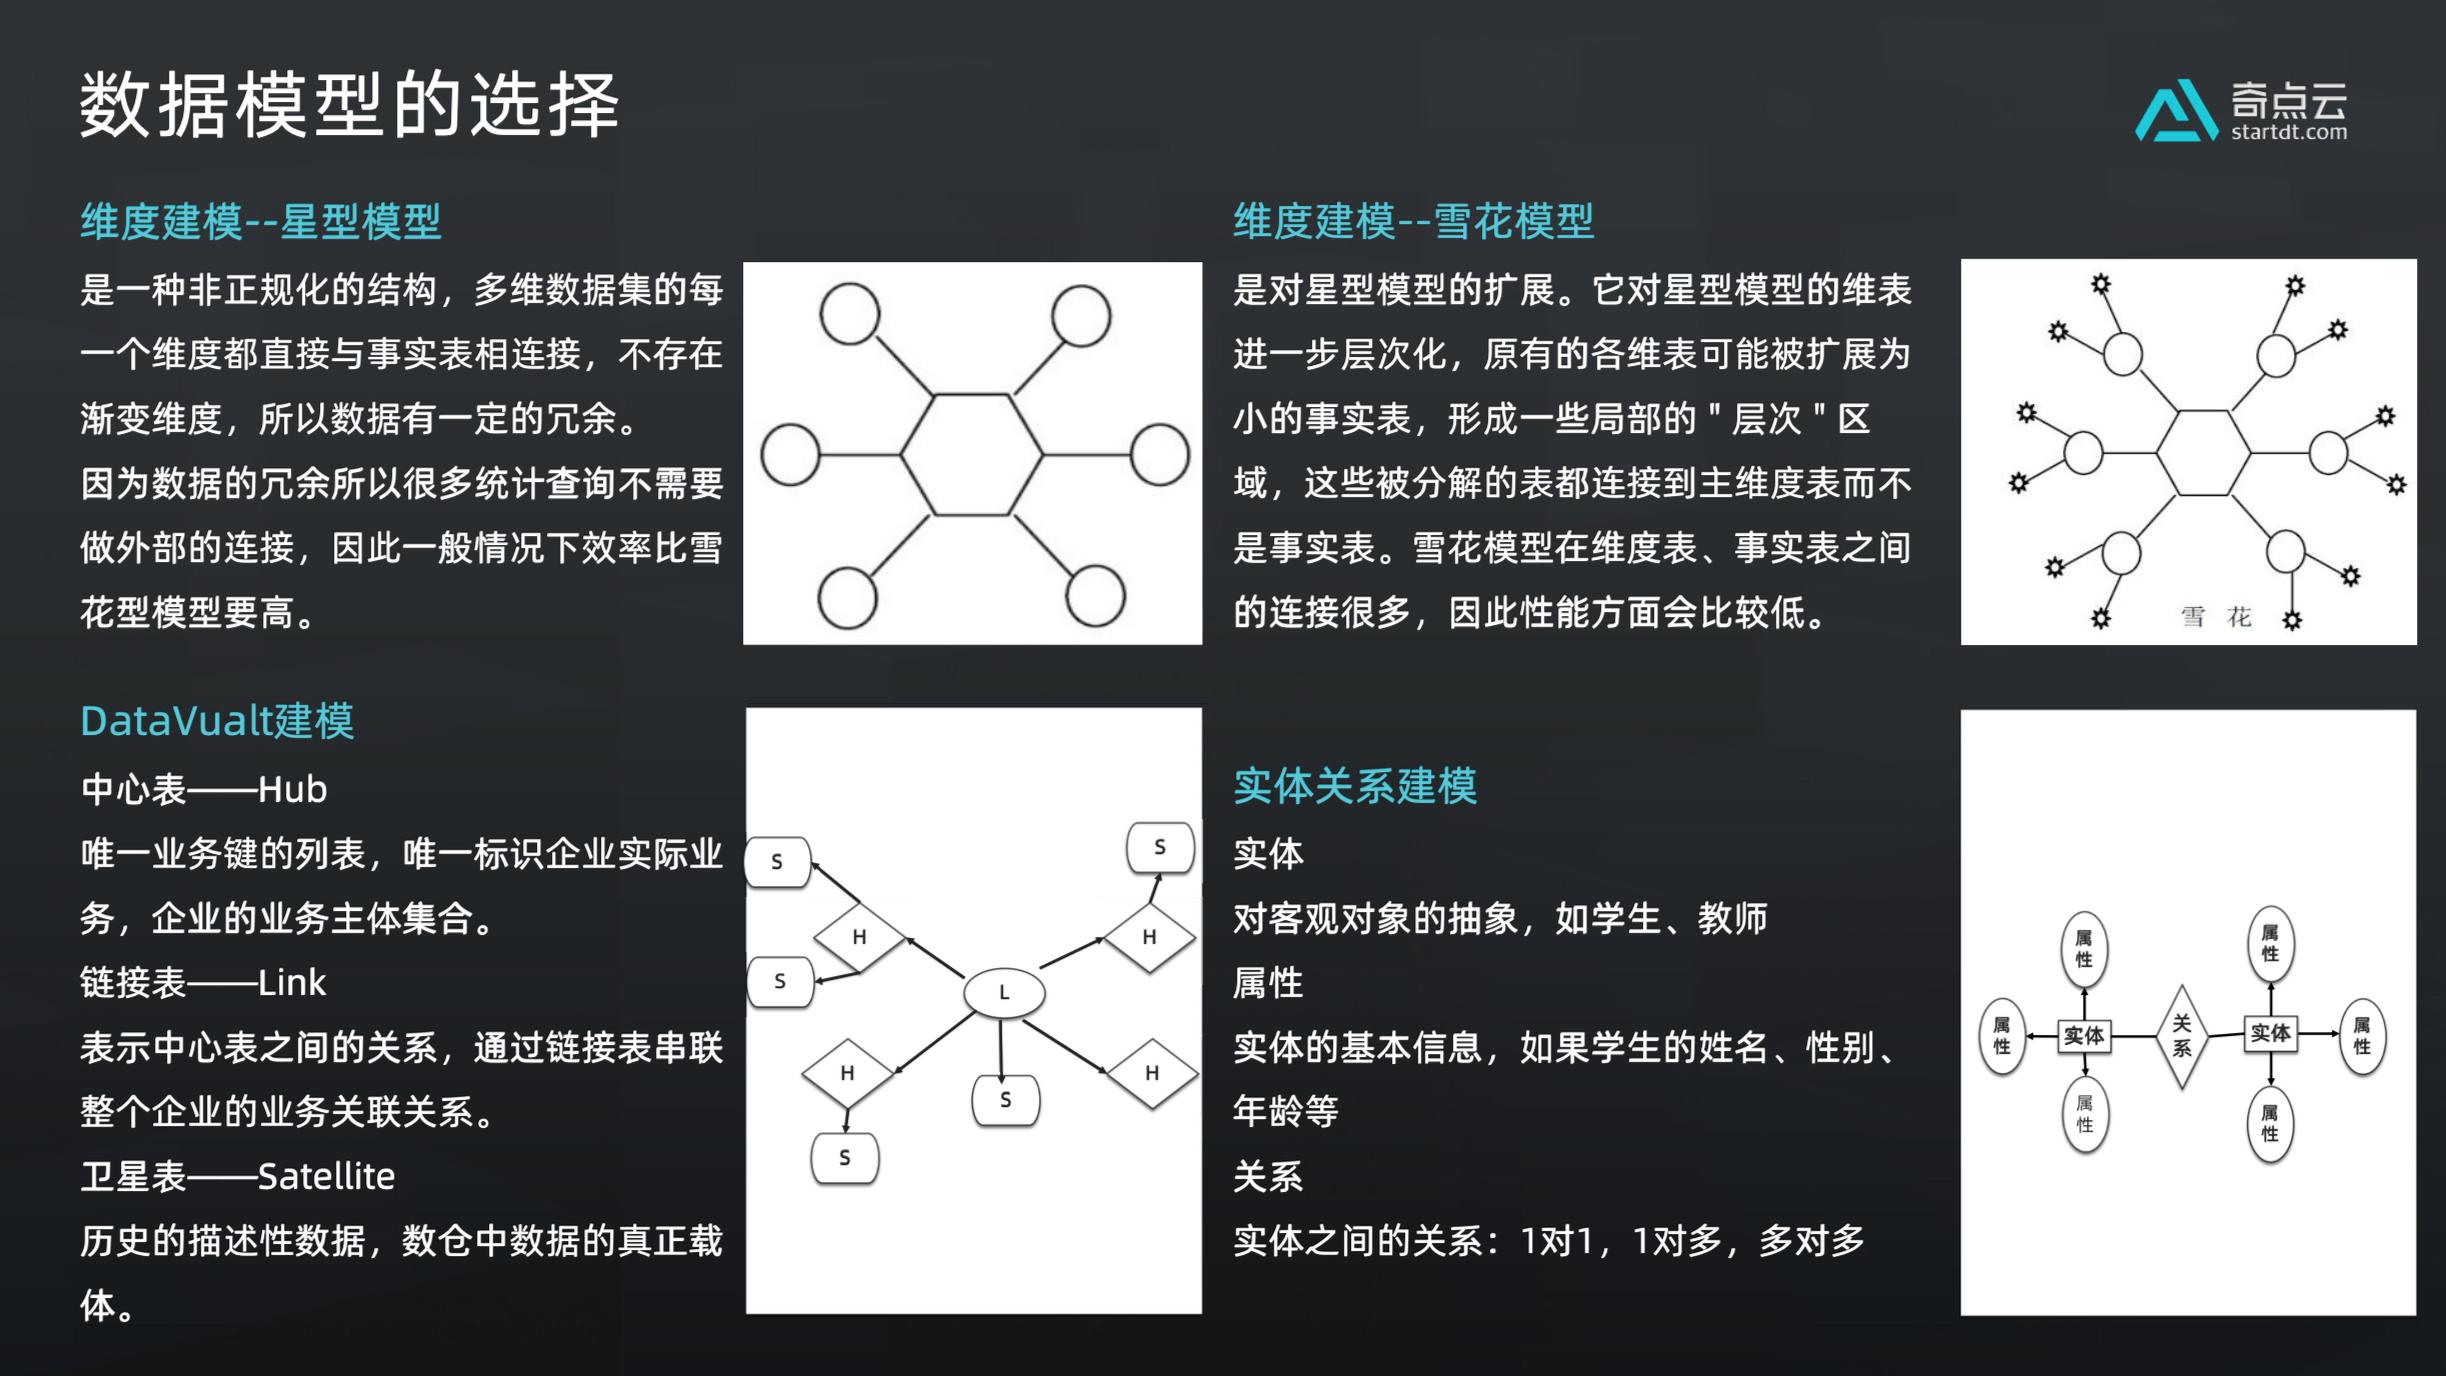 天启 配图 3.png